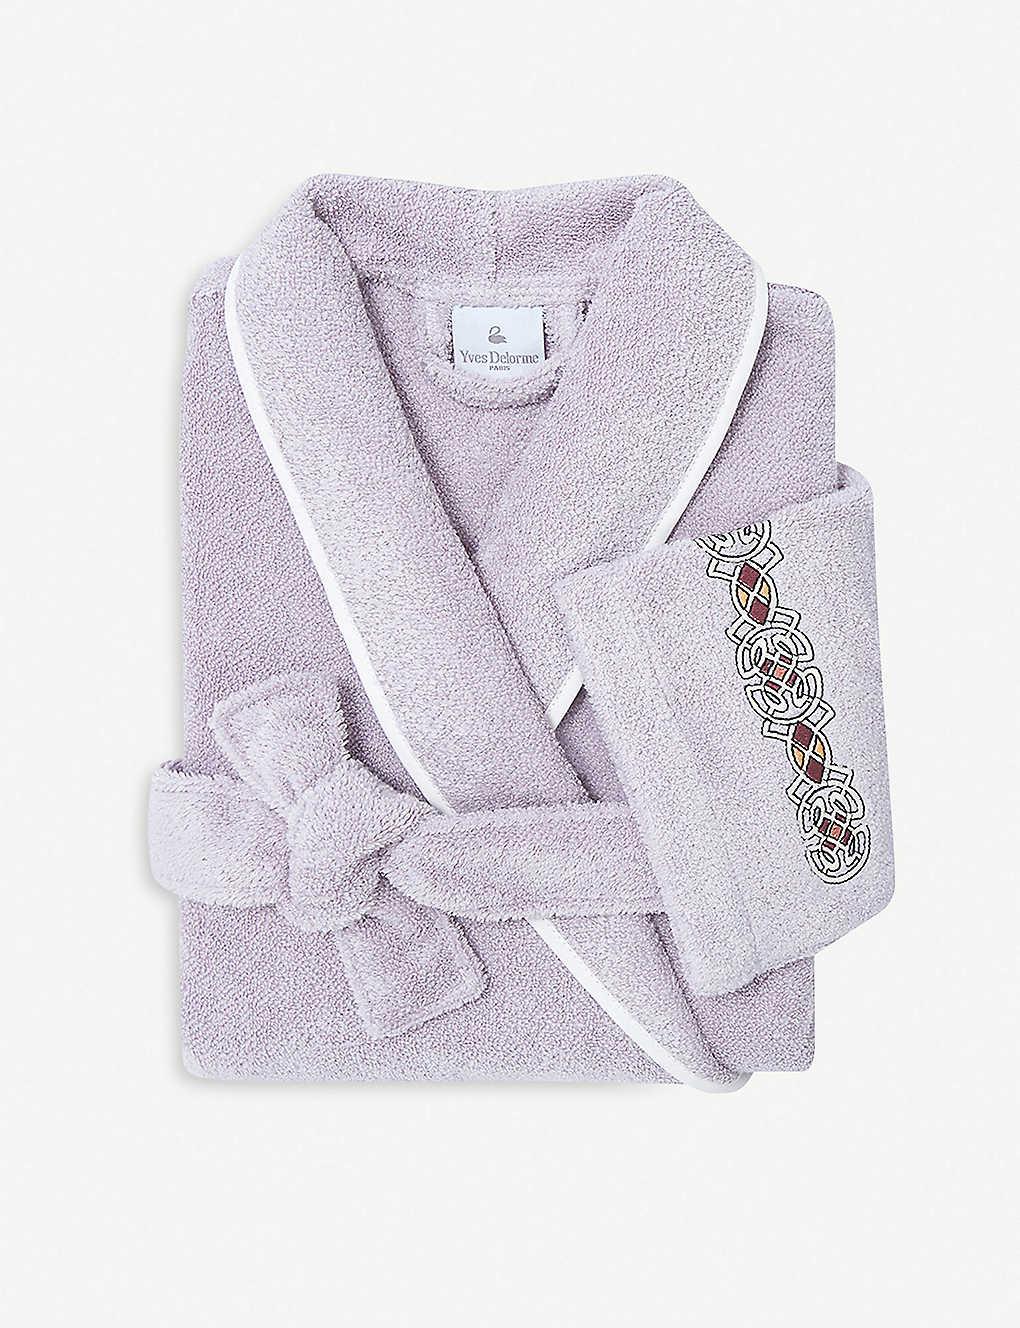 YVES DELORME - Palatin large cotton-blend bath robe  92d319ff8